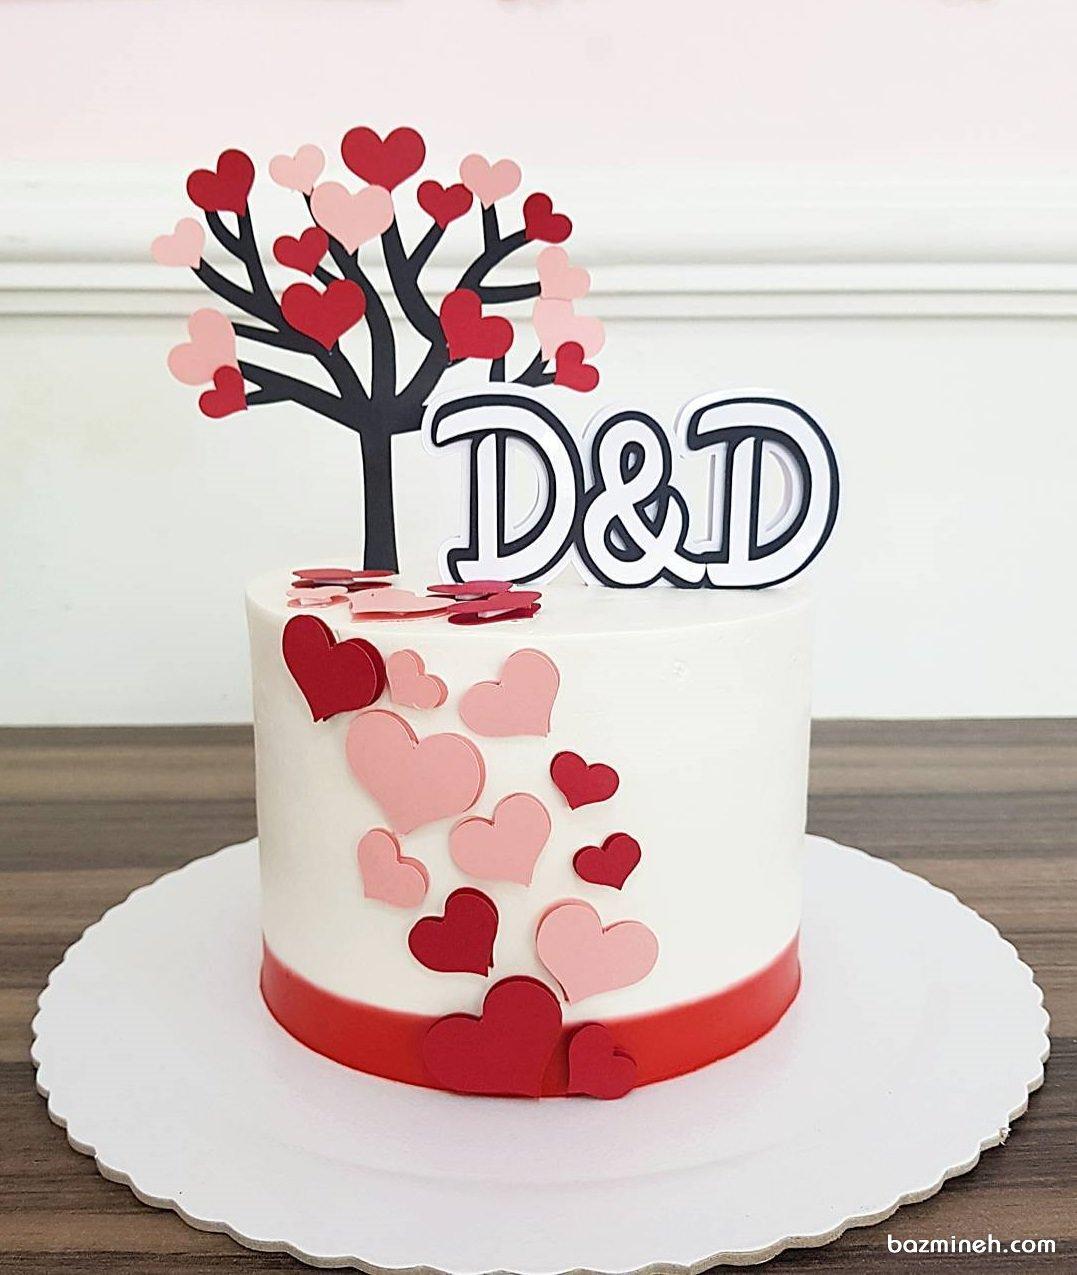 مینی کیک فانتزی جشن سالگرد ازدواج با تم سفید صورتی قرمز